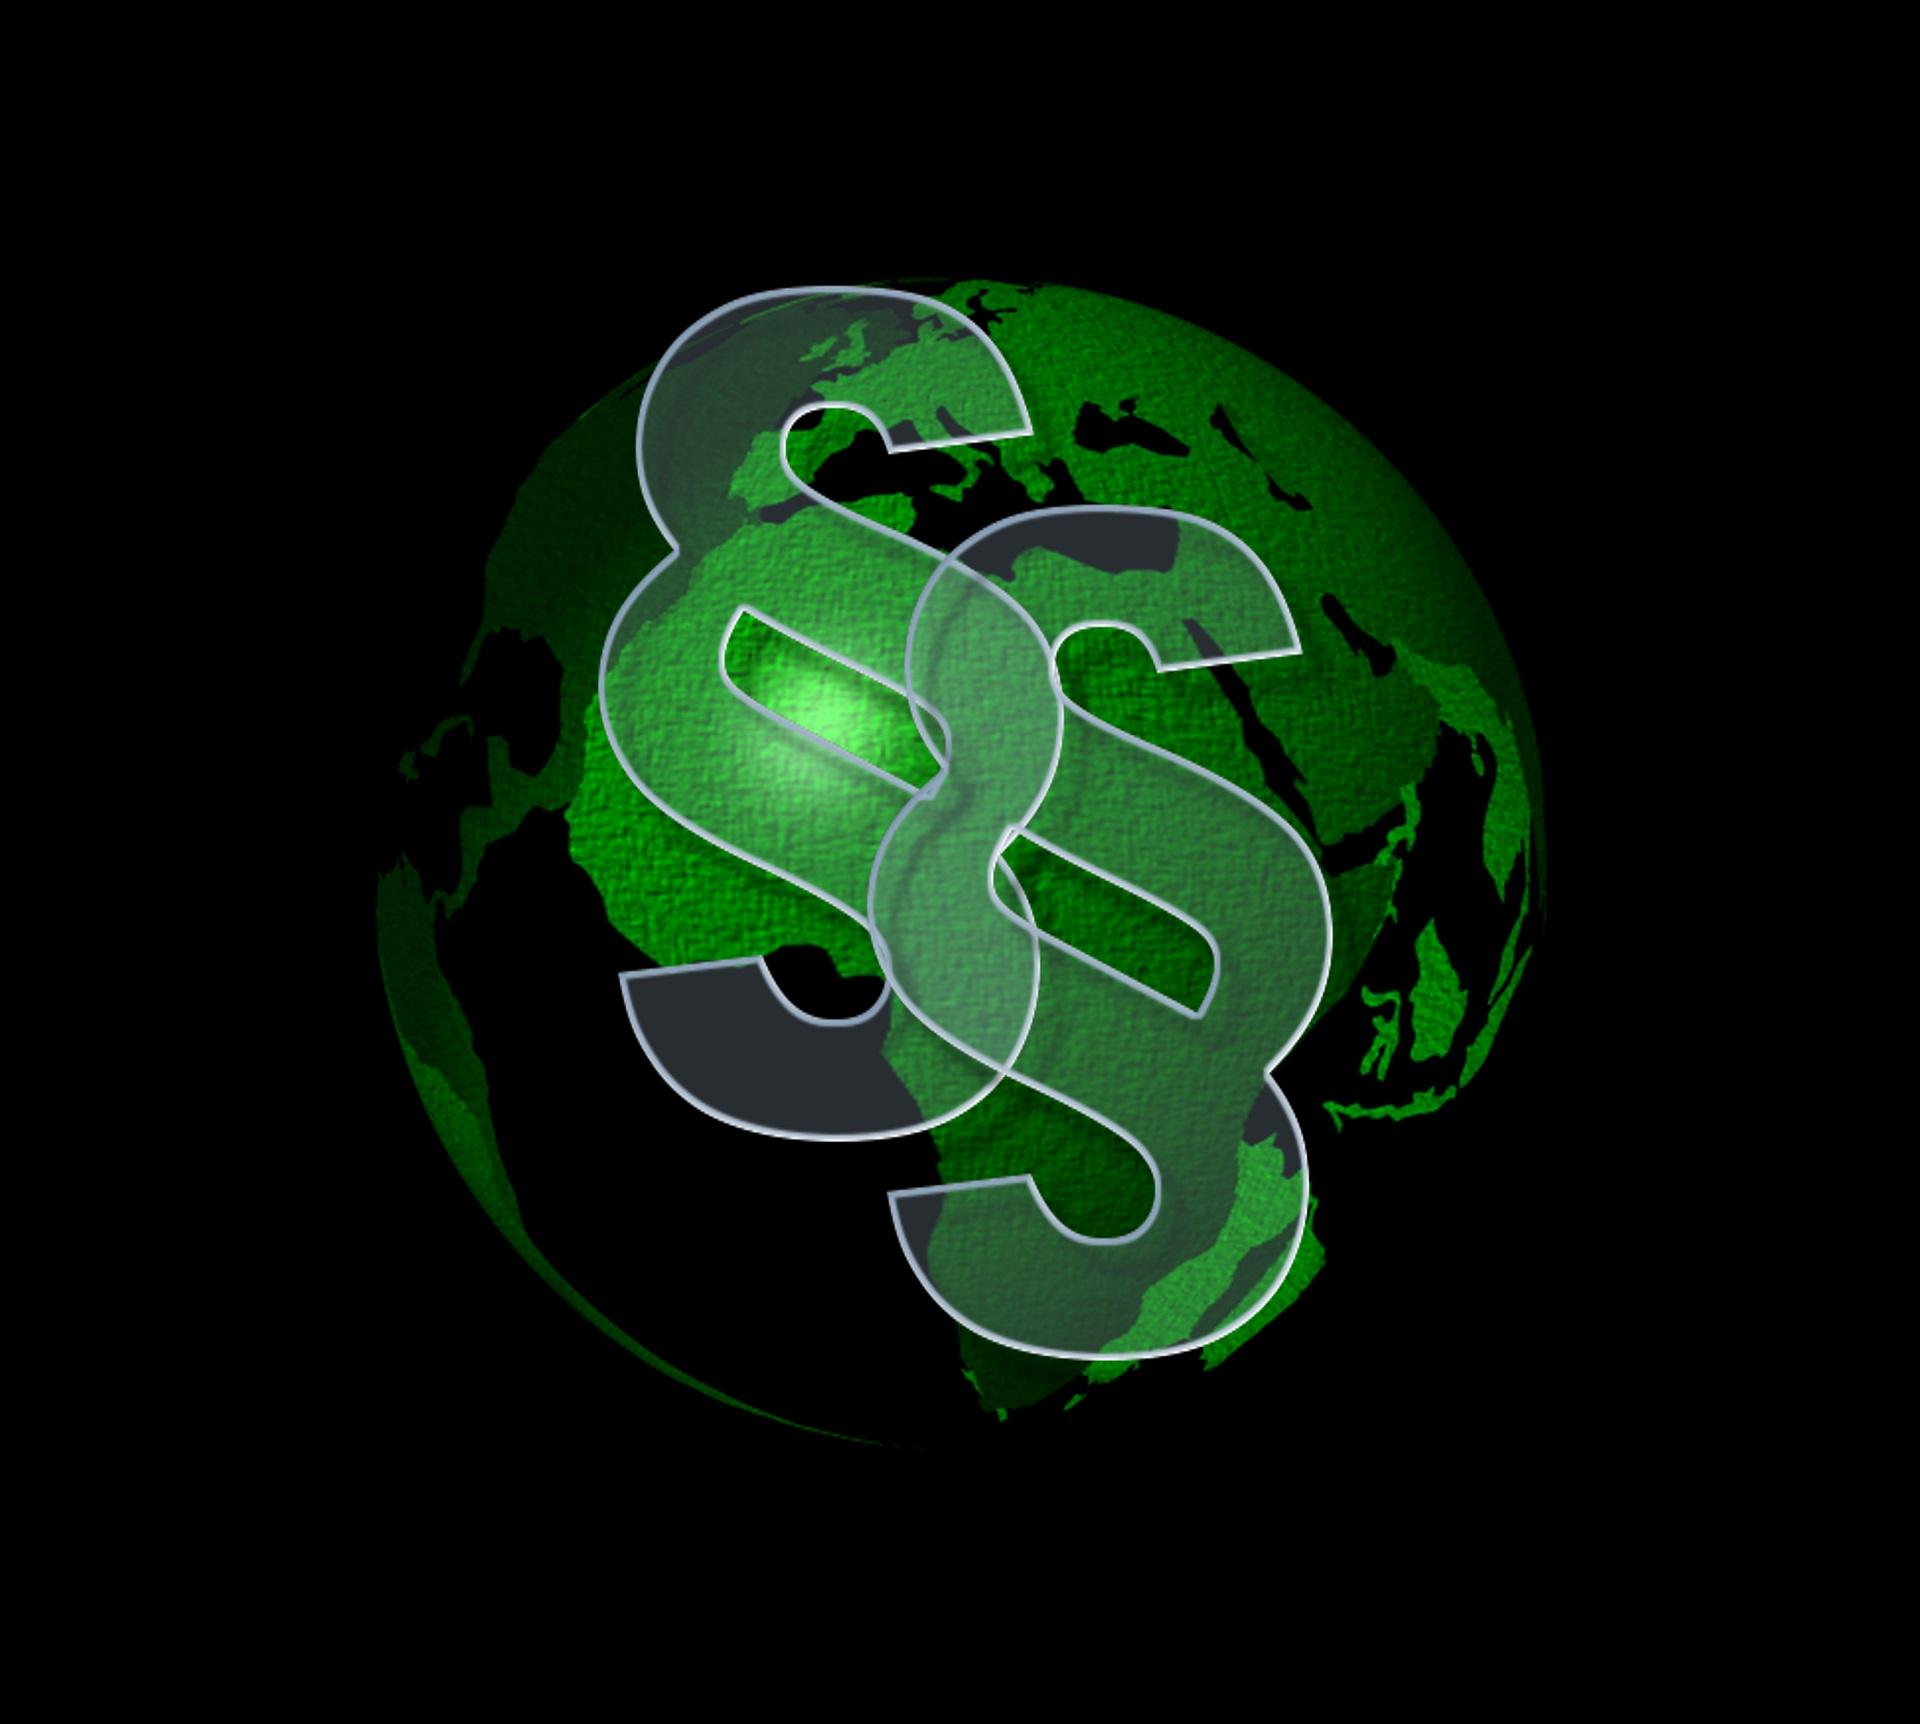 Bonne gouvernance dans la crise sanitaire mondiale (Dans l'ombre de la pandémie COVID-19)